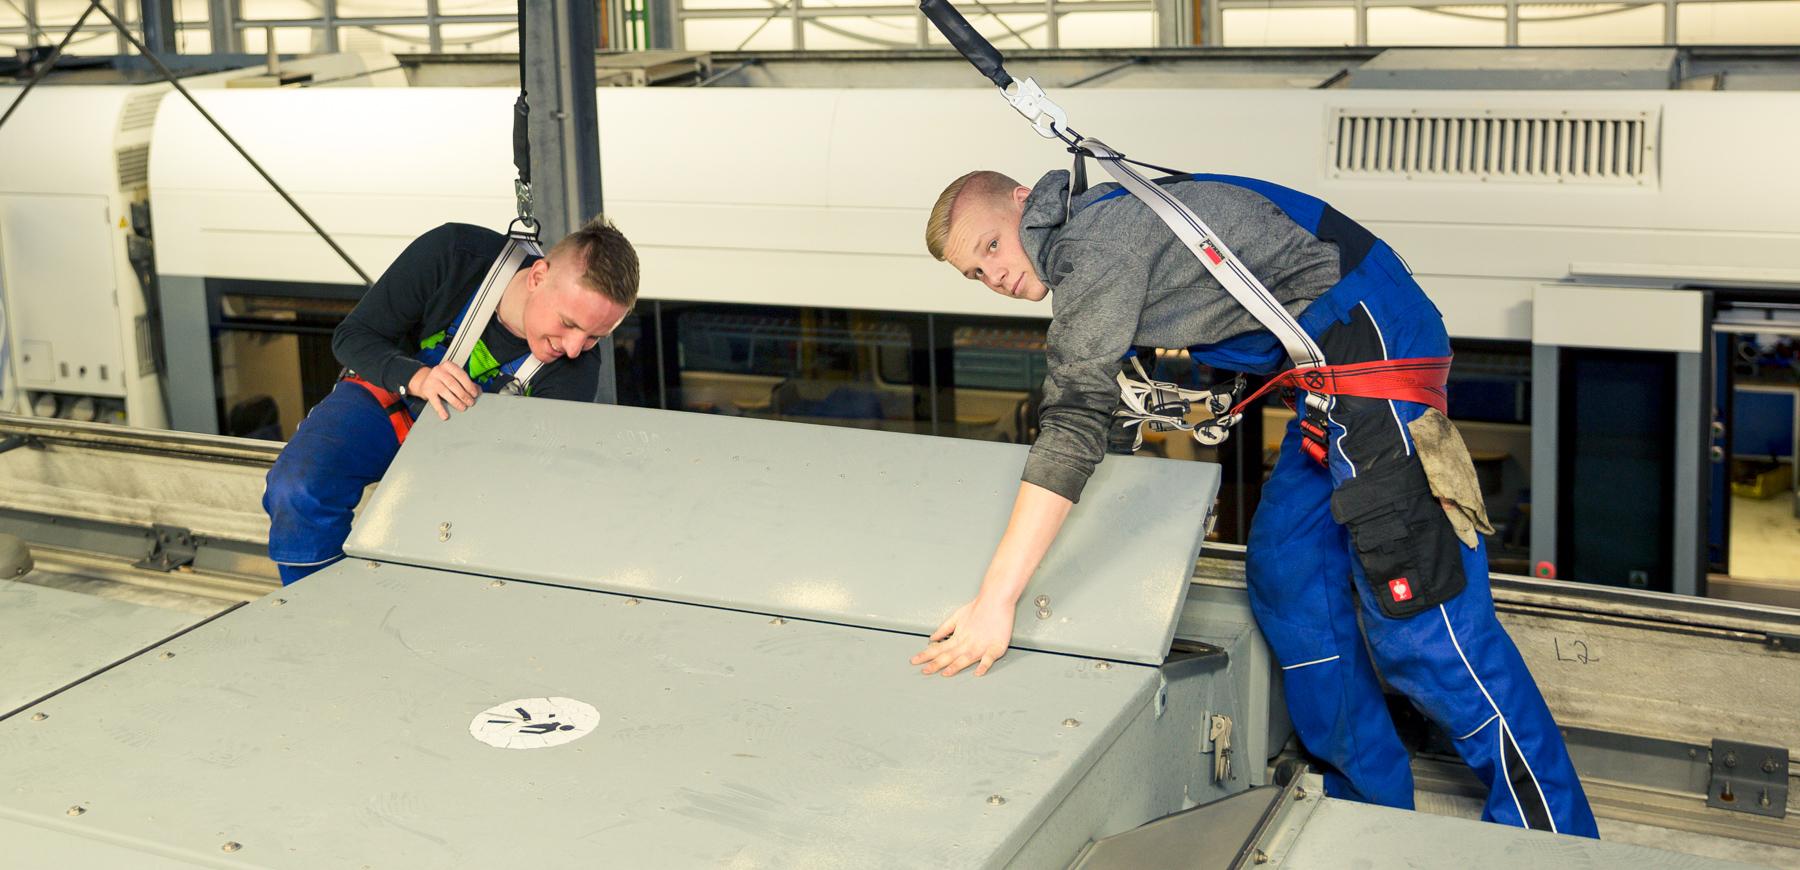 Azubis UBB Werkstatt arbeiten auf einem Triebwagen der UBB